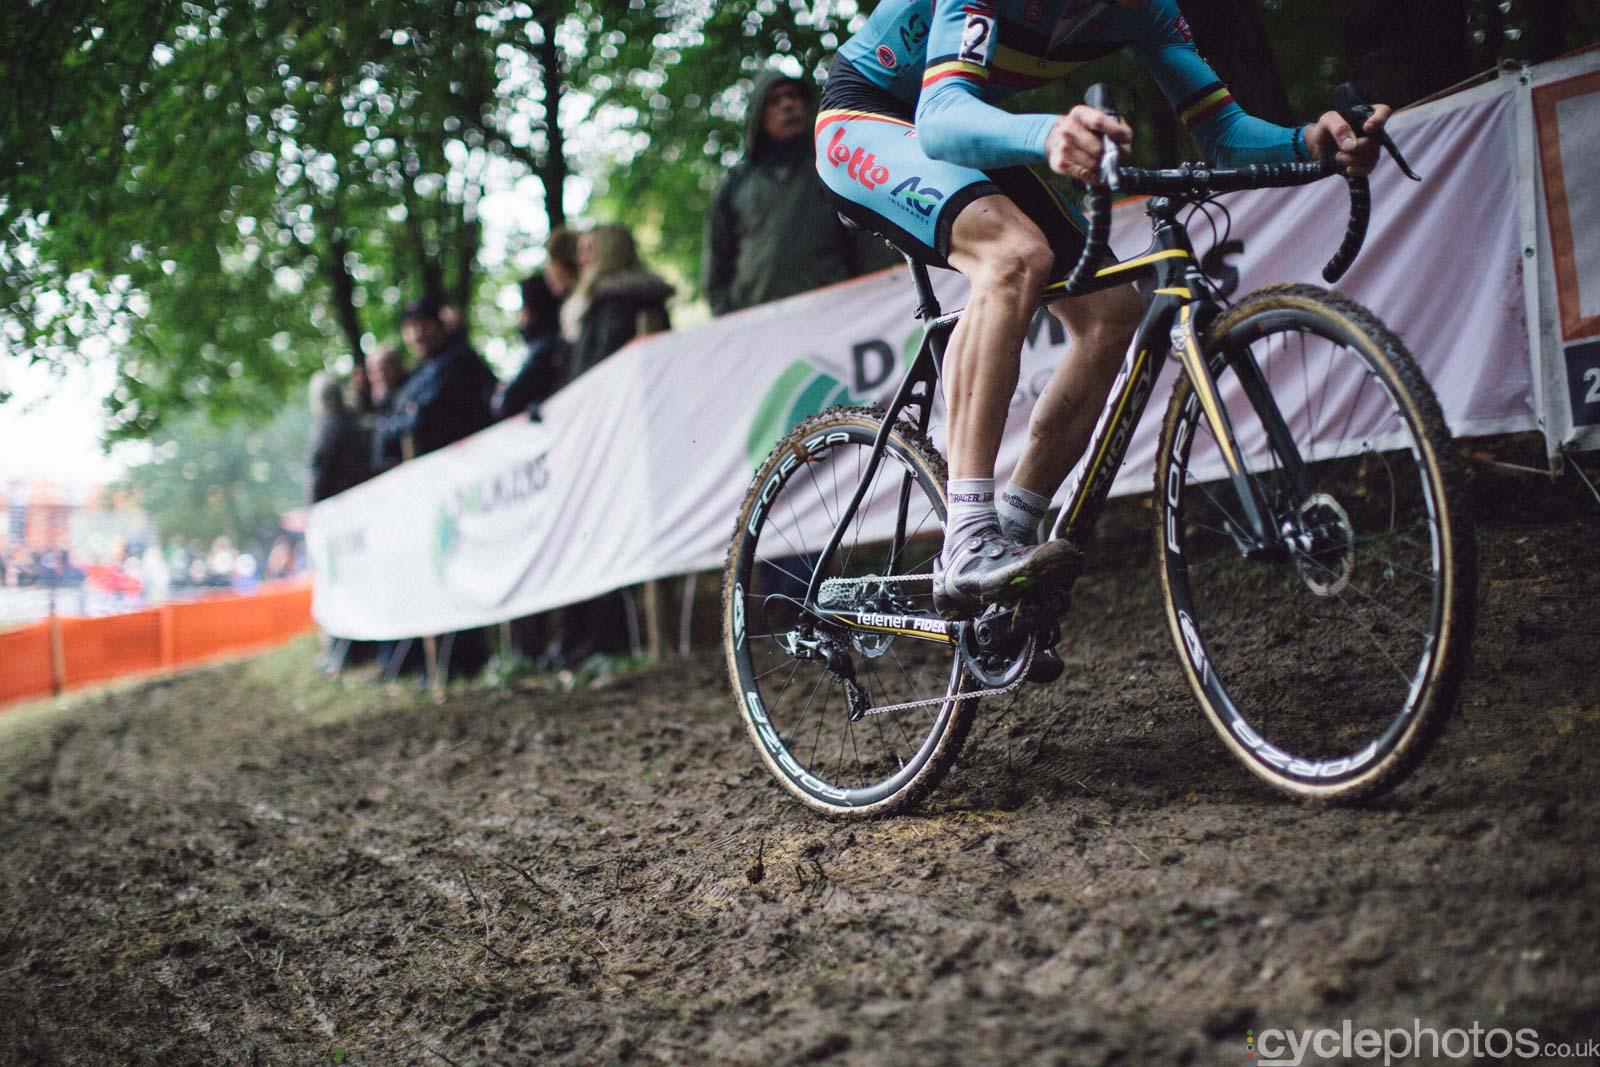 2015-cyclephotos-cyclocross-valkenburg-113202-quinten-hermans